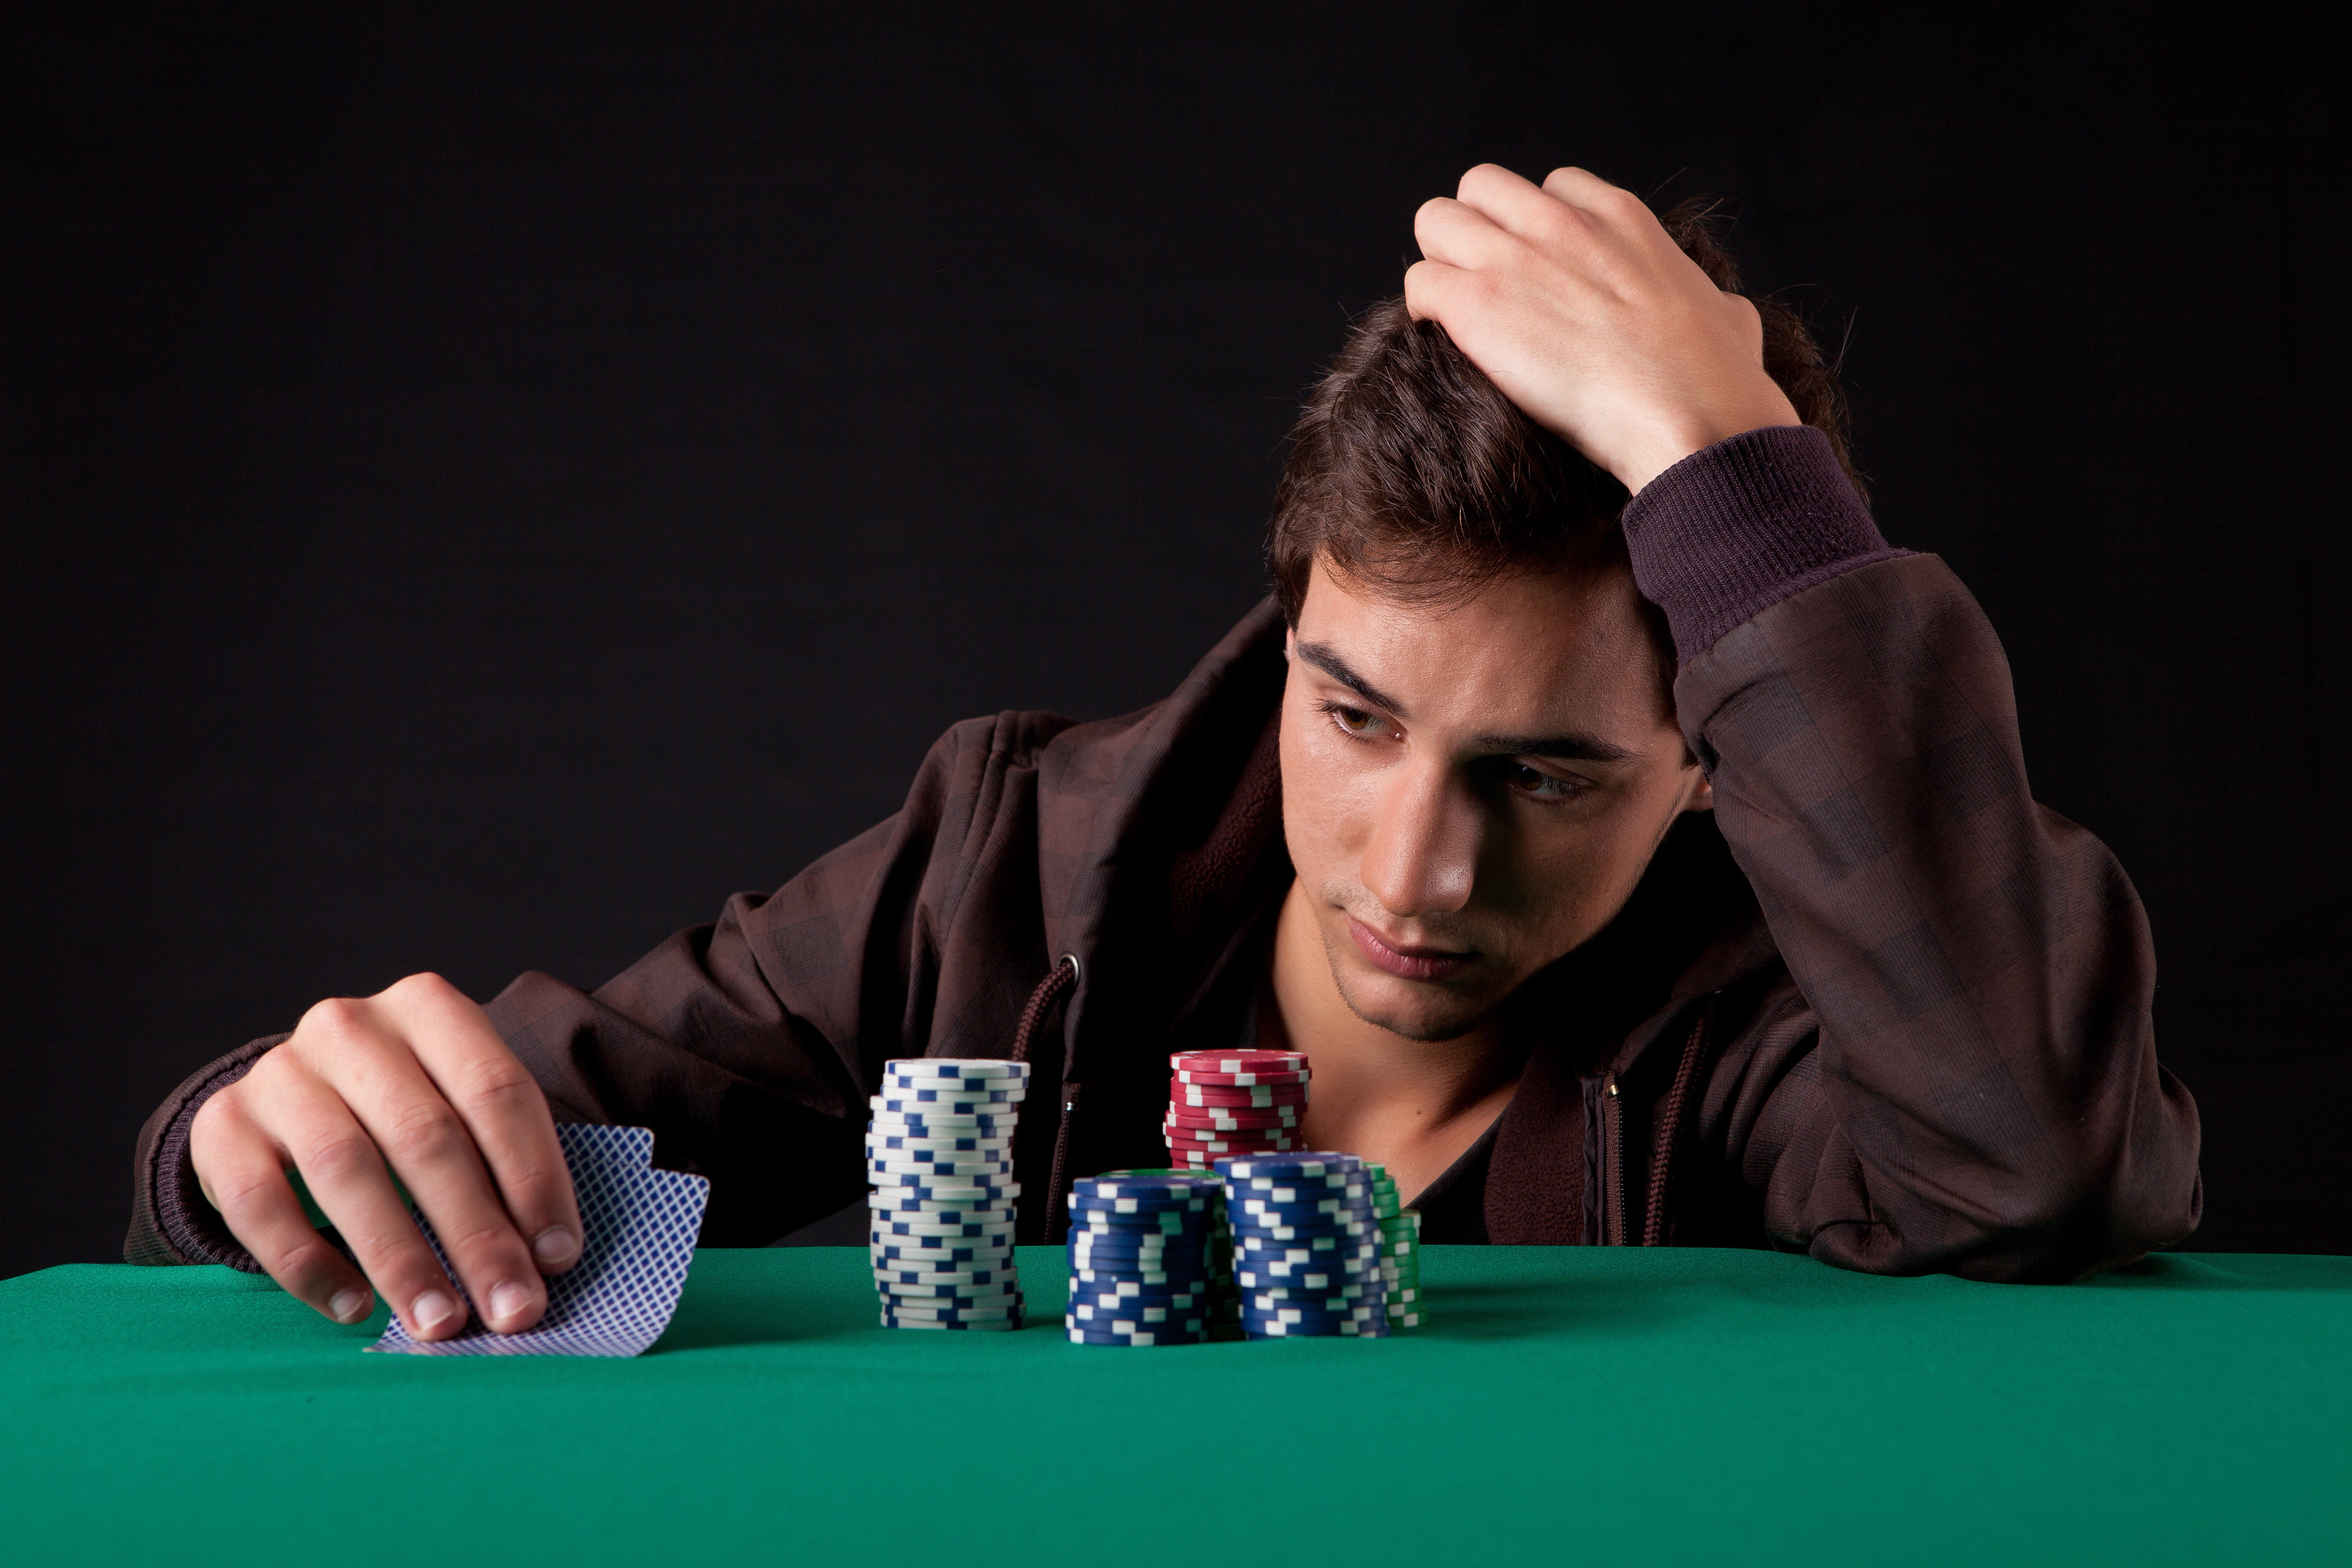 muzh-igraet-v-kazino-chto-delat